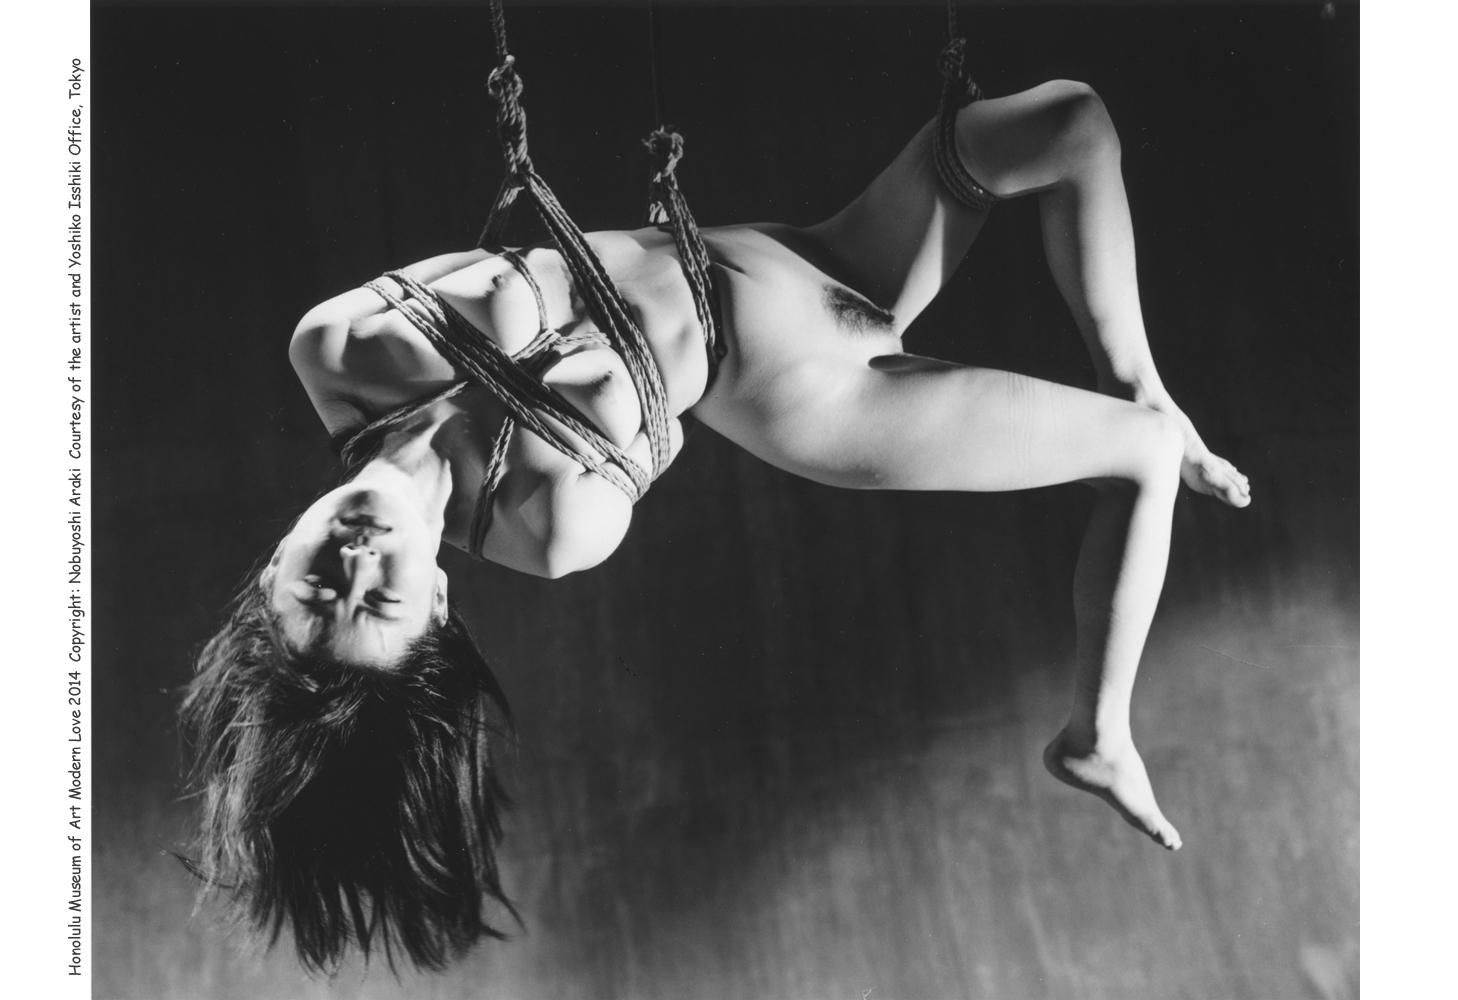 Рабыни подвешенные за ноги 11 фотография